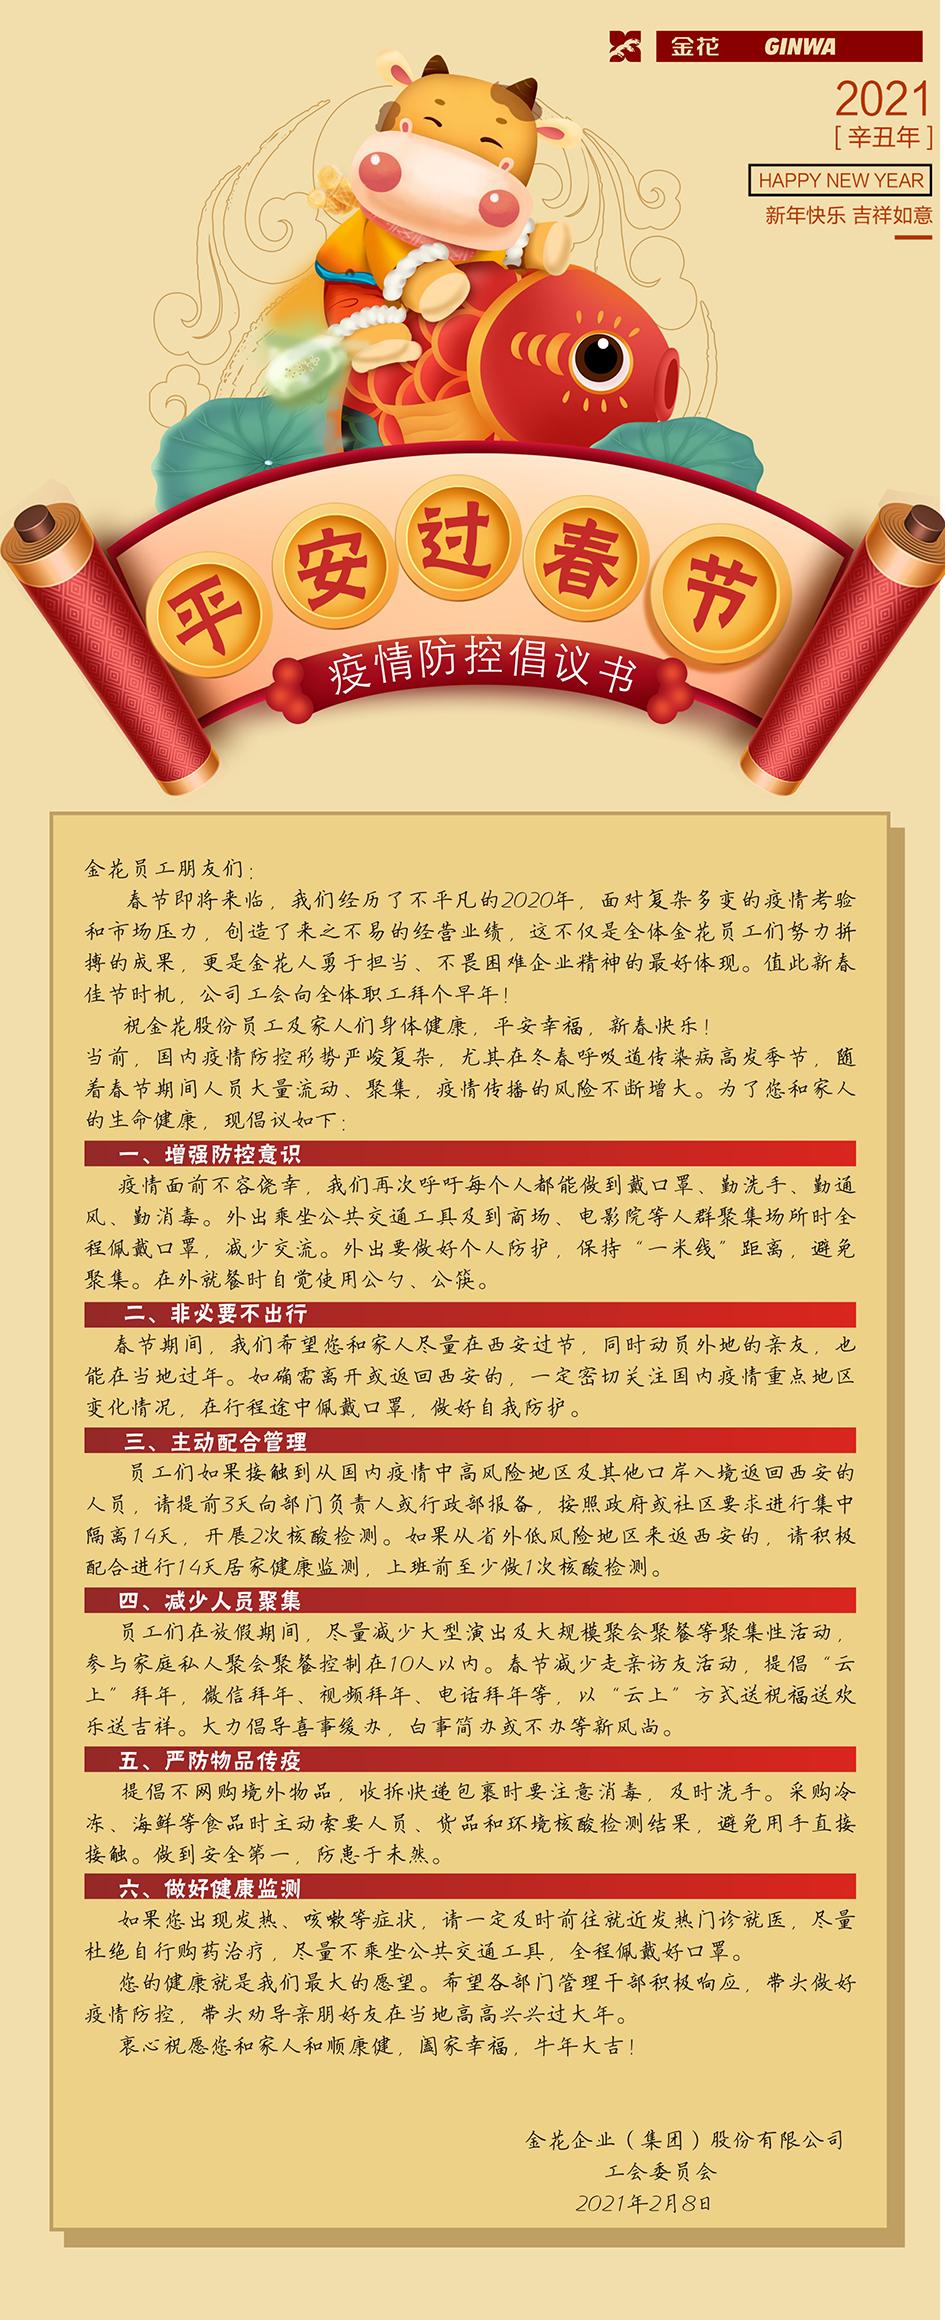 金花股份工会 | 平安过春节疫情防控倡议书